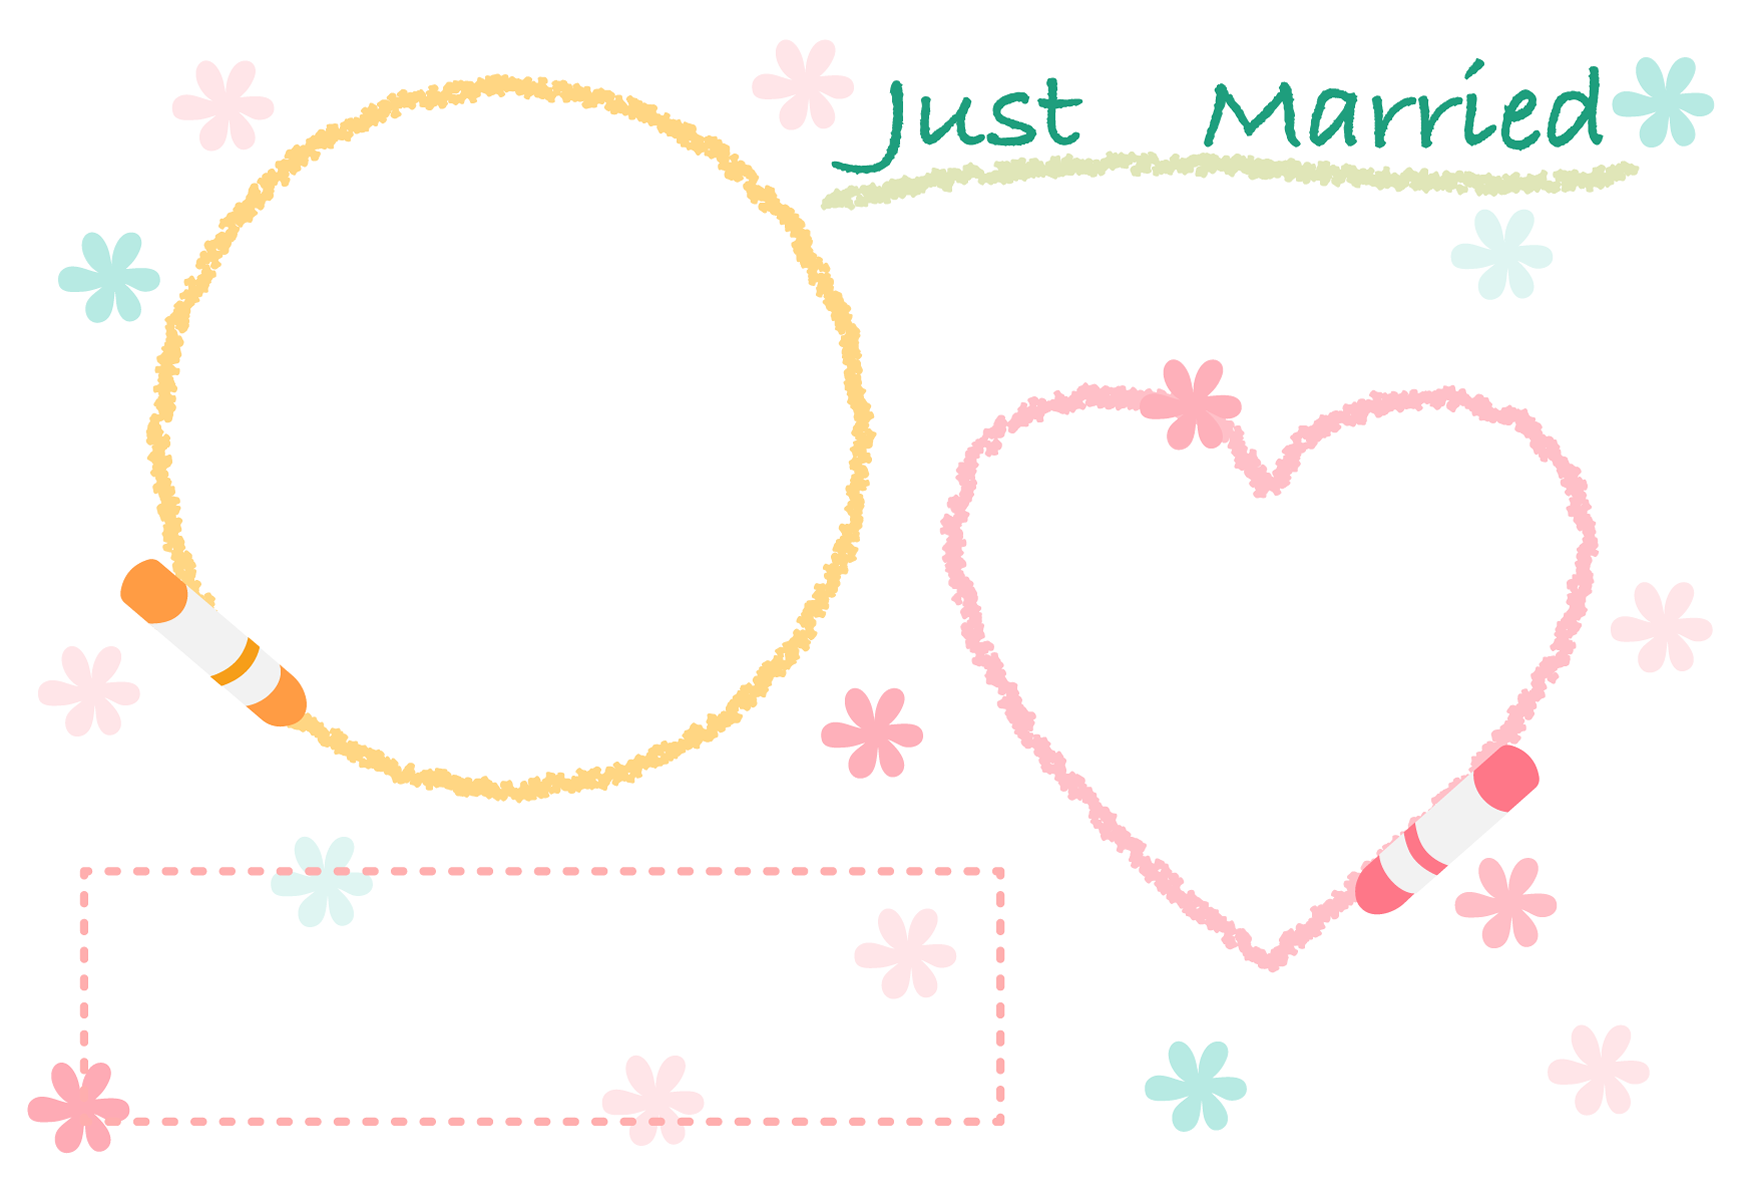 【文字無し】かわいい手書き風の結婚報告ハガキの無料デザインテンプレート